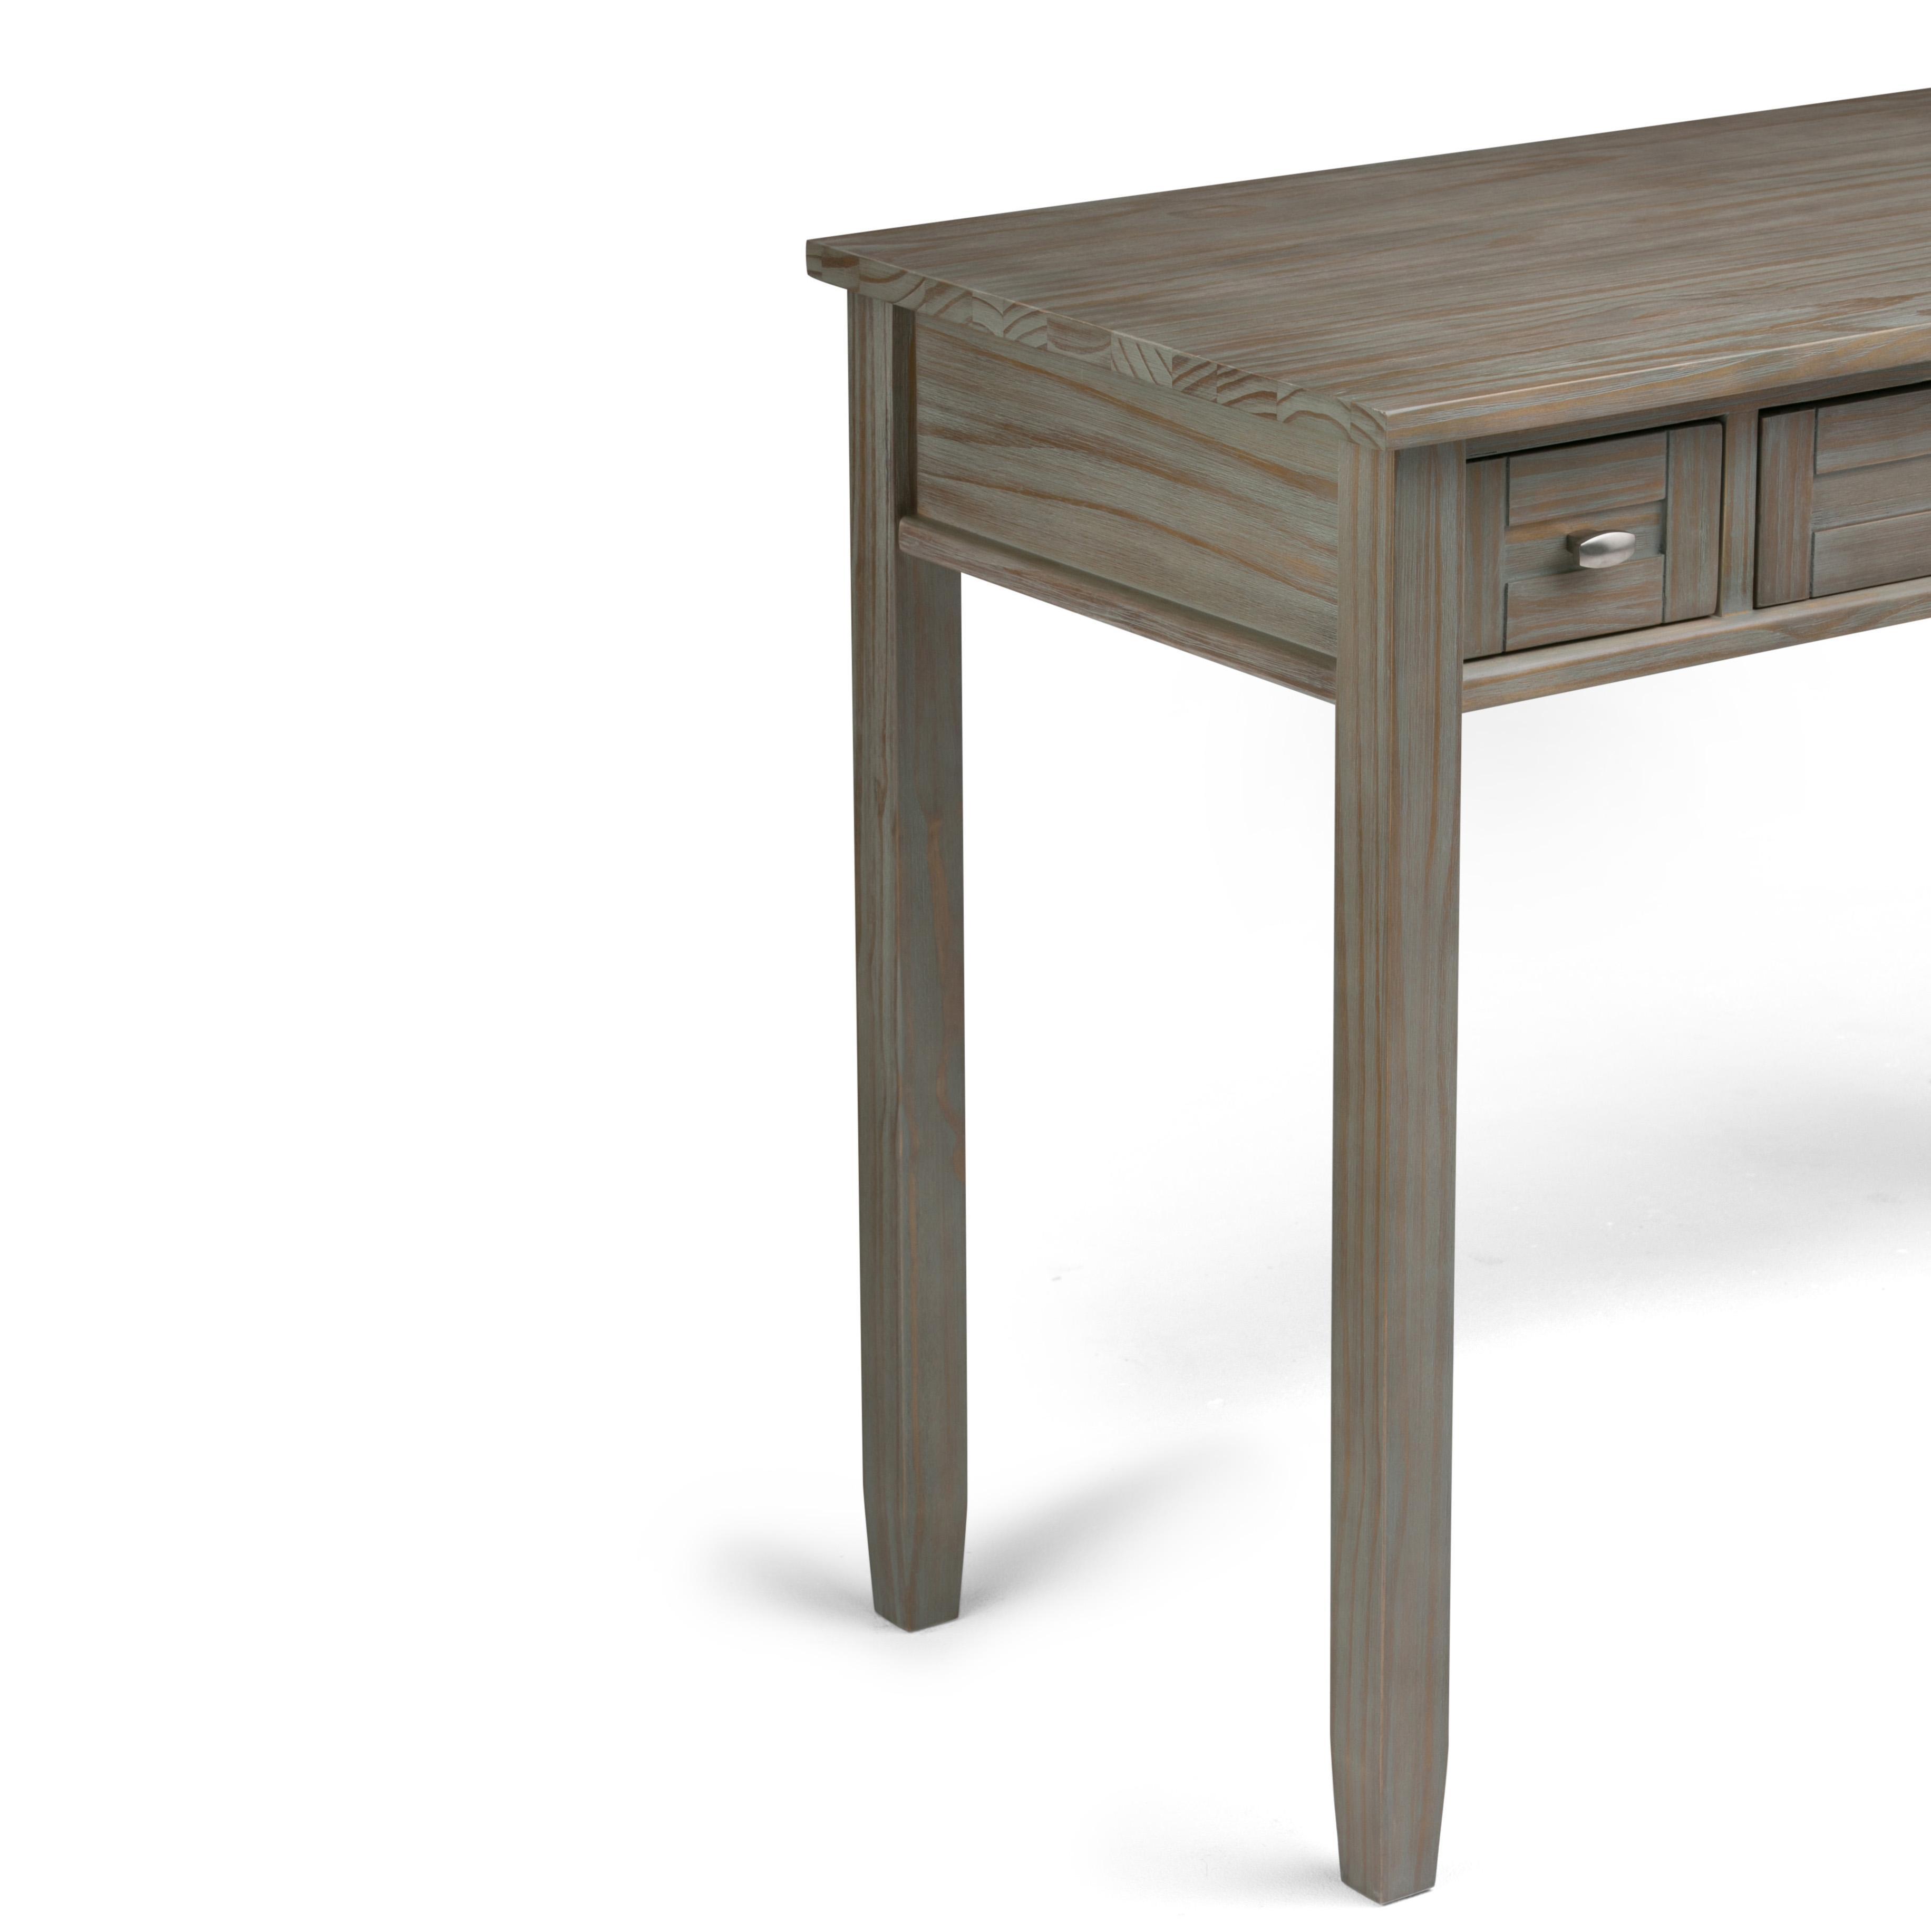 simpli home warm shaker solid wood desk distressed grey kitchen dining. Black Bedroom Furniture Sets. Home Design Ideas